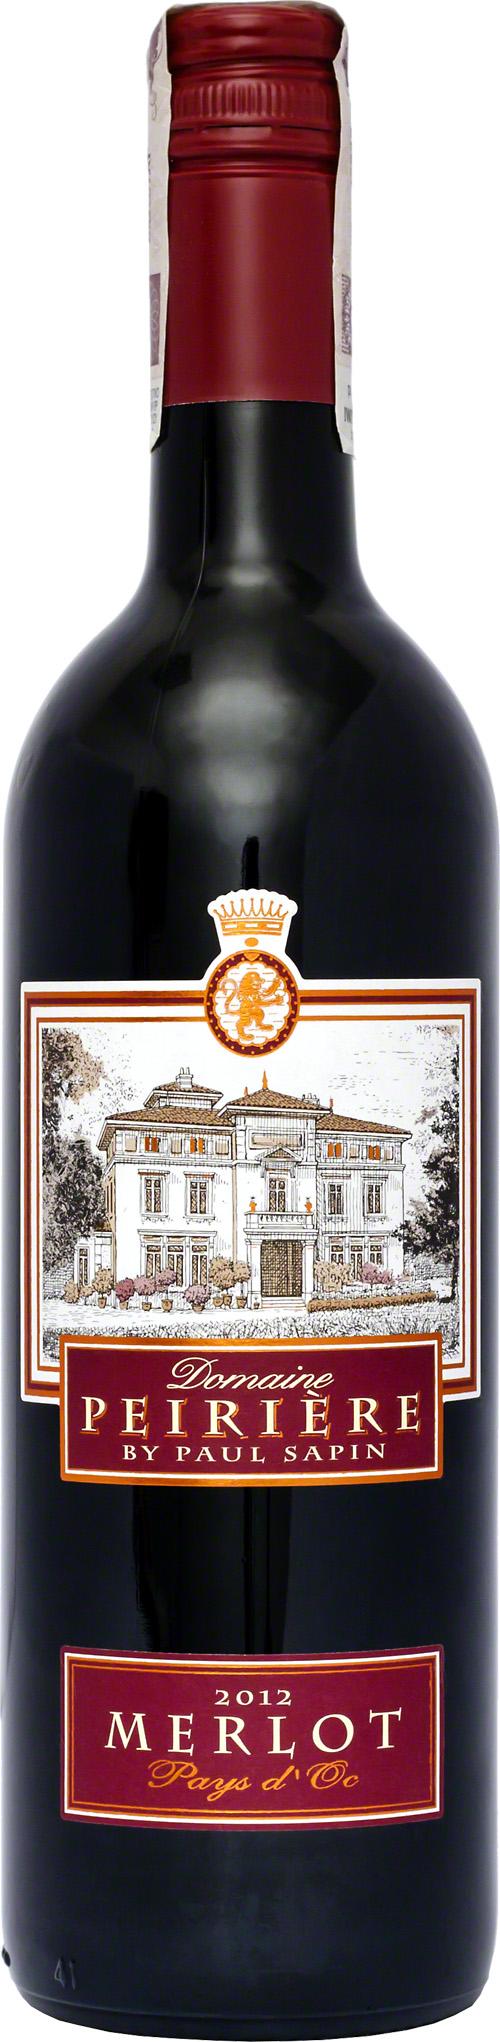 Domaine Peiriere Merlot Pays D Oc Klasyczny Przyklad Szczepu Merlot Z Poludnia Francji Dominuja Aromaty Dojrzalych Czerwony Cabernet Sauvignon Syrah Sauvignon